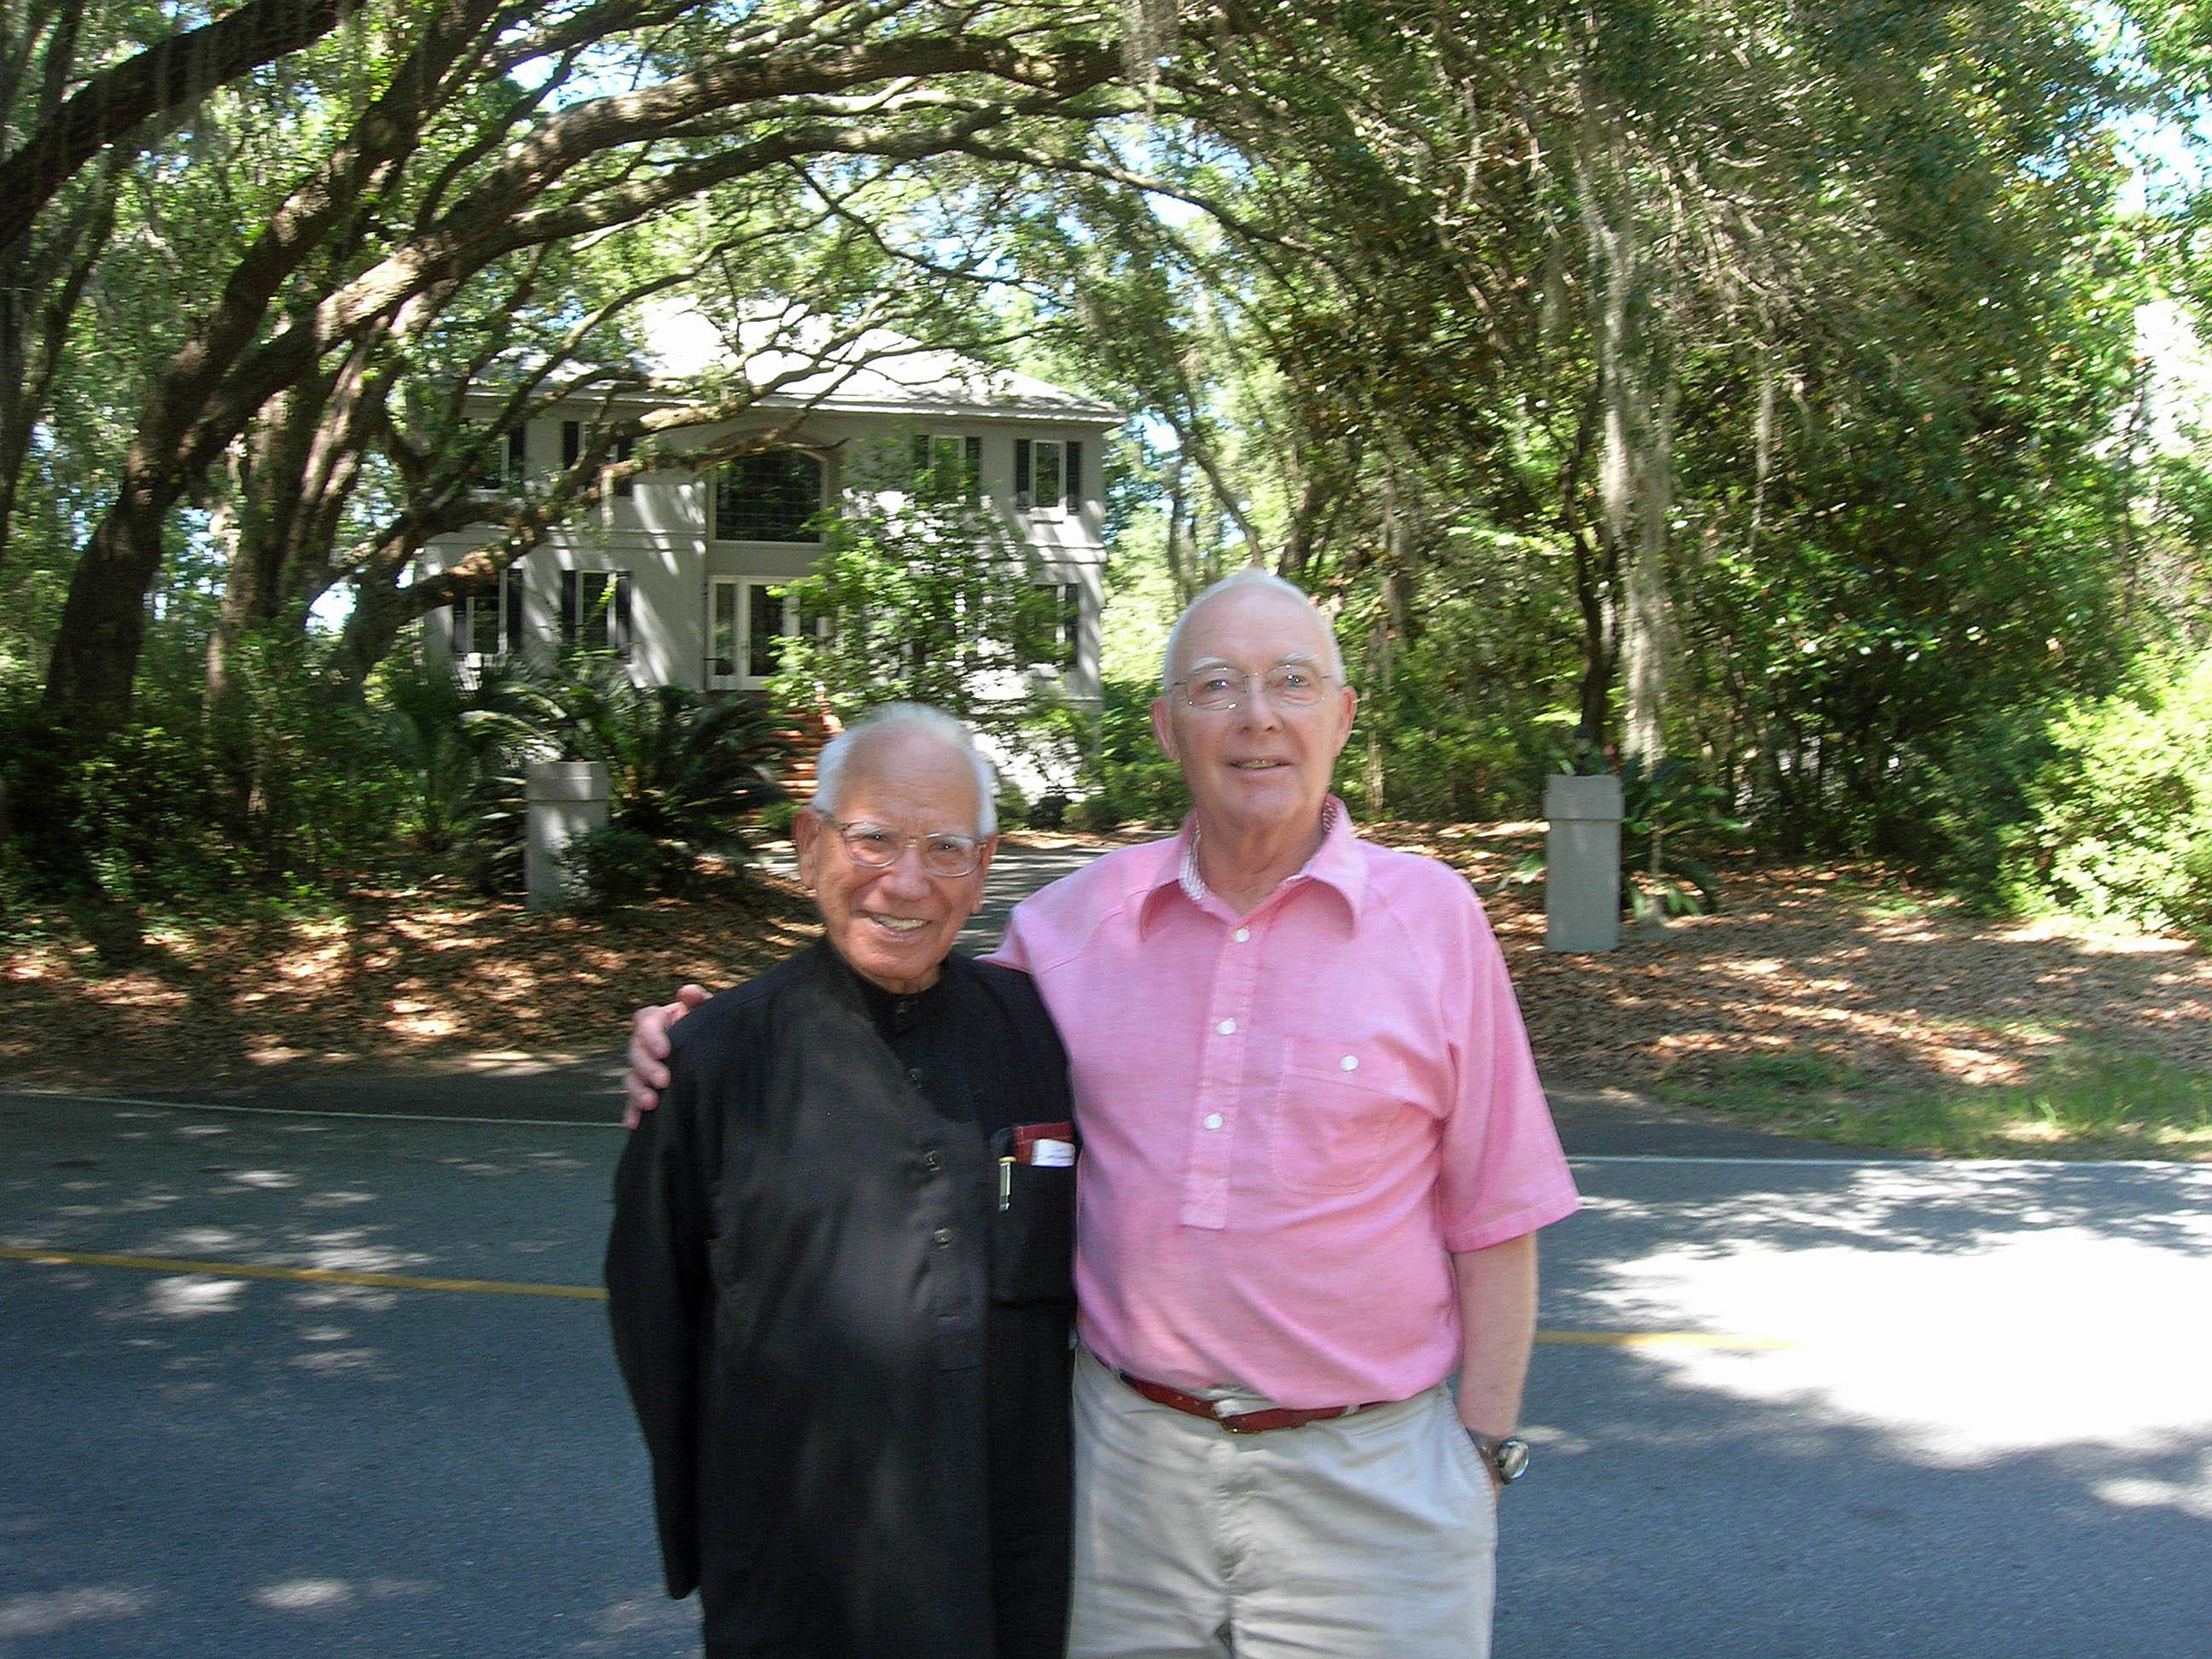 Shaikh Amin Visits Burnett Moody